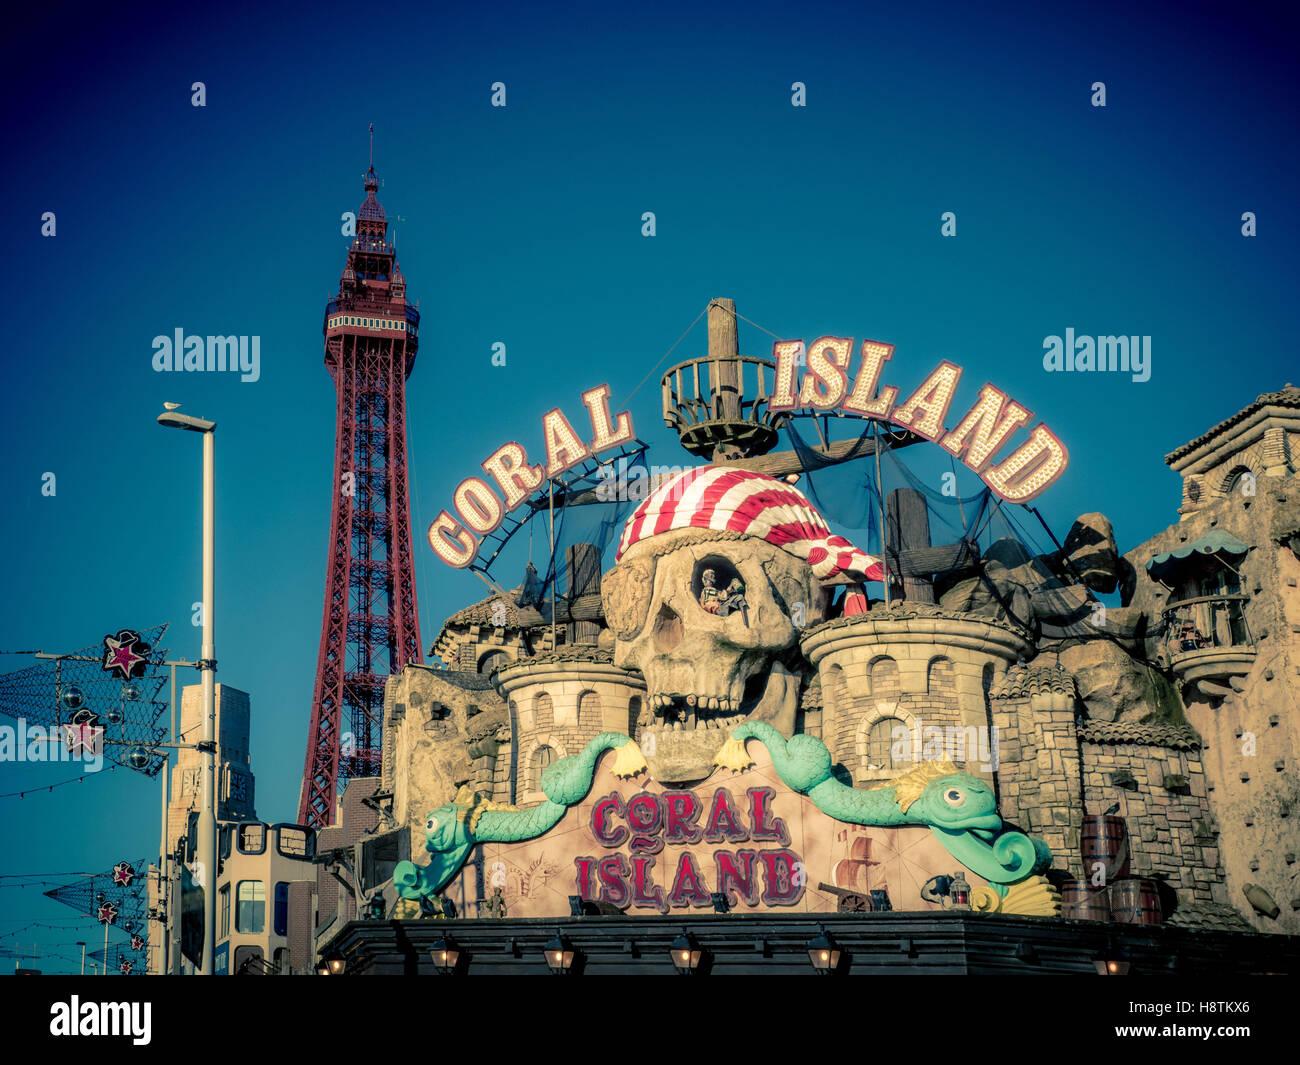 Coral Island Amusement Arcade signe sur front de mer, Blackpool, Lancashire, Royaume-Uni. Photo Stock